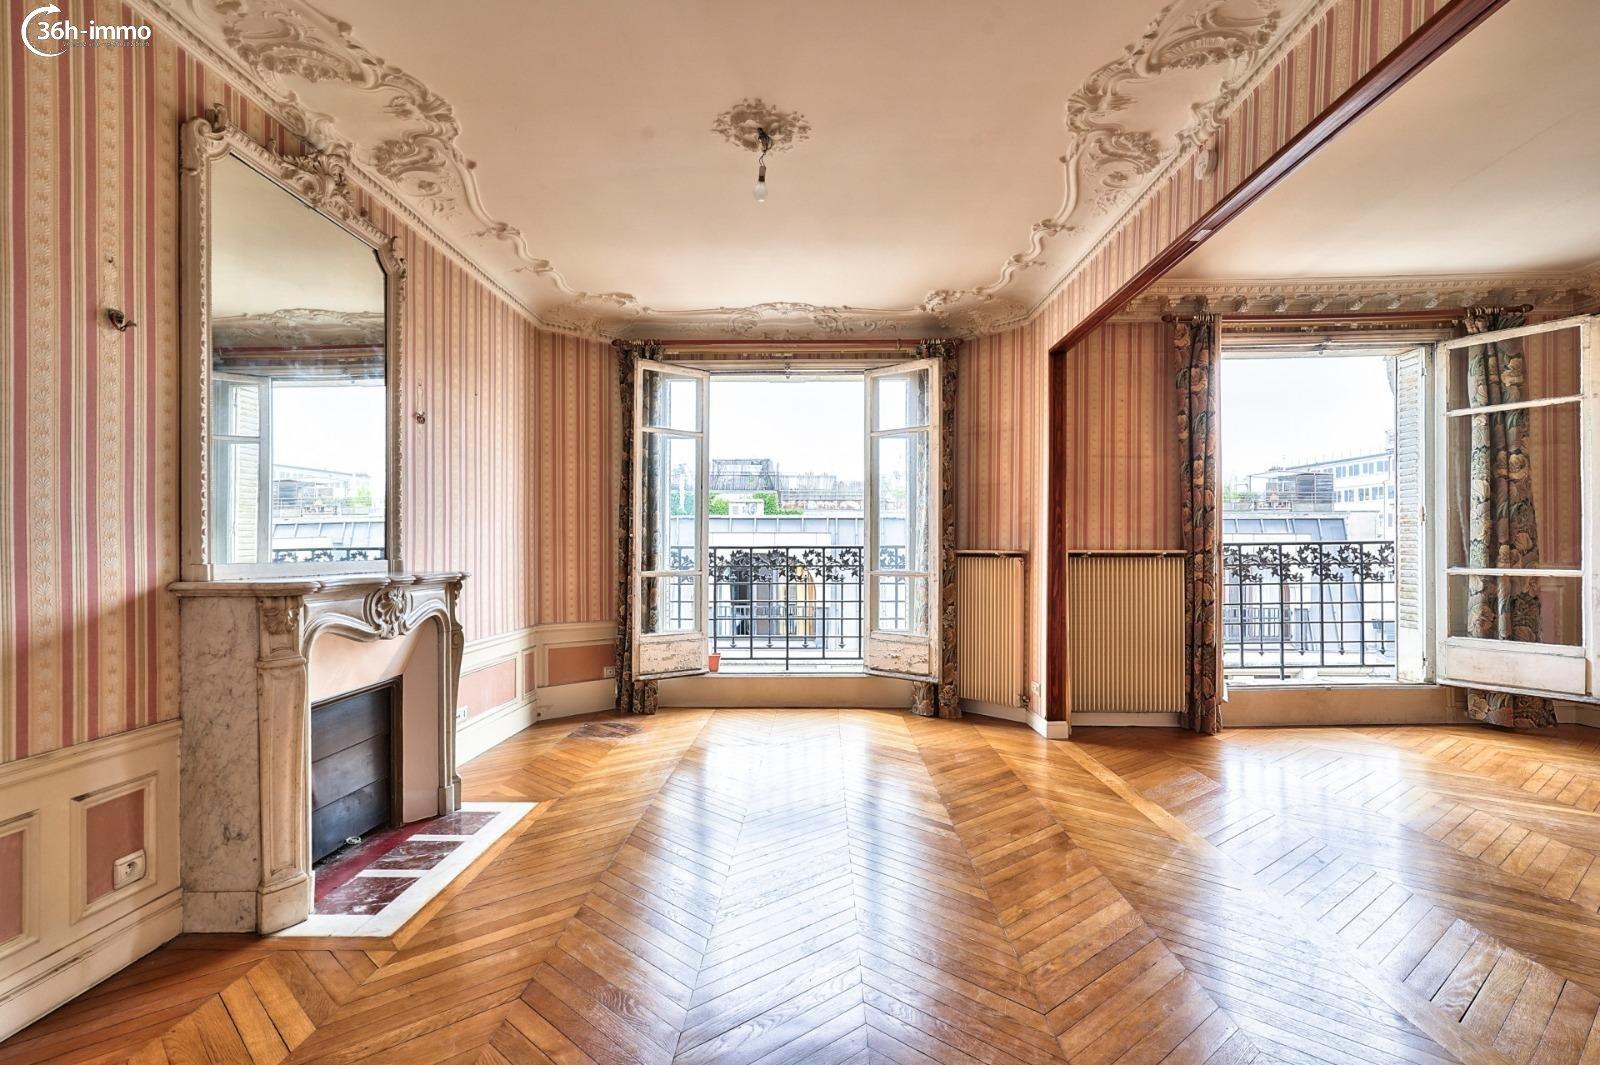 Appartement Paris 10e arrondissement 75010 Paris 103 m<sup>2</sup> 4 pi&eagrave;ces 999100 euros